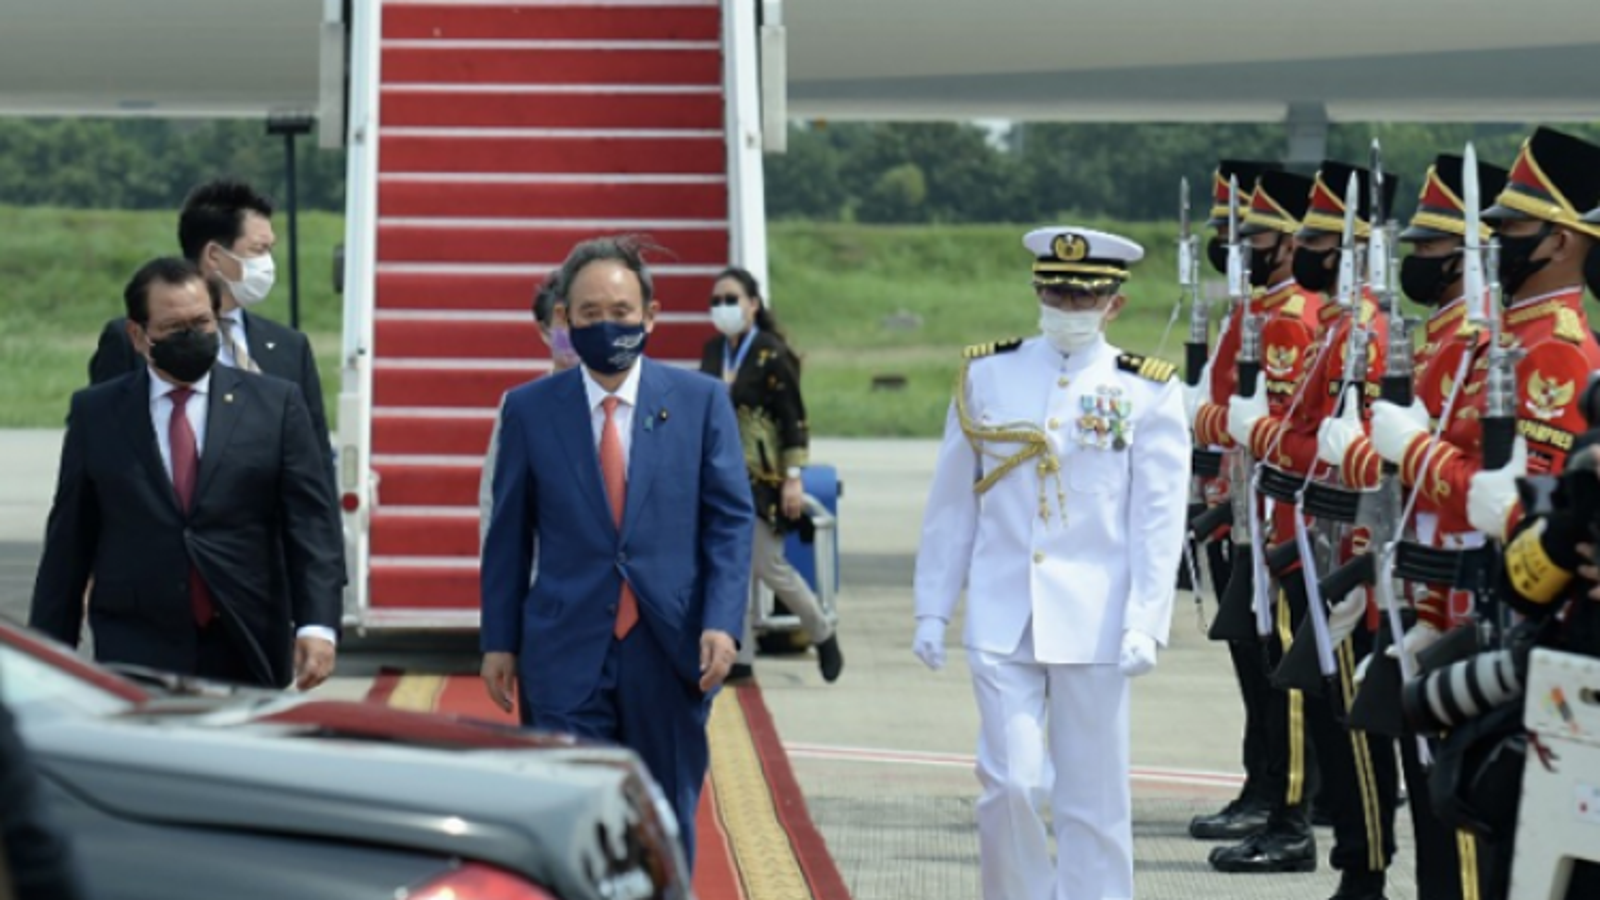 Thủ tướng Nhật Bản Suga Yoshihide bắt đầu chuyến thăm Indonesia